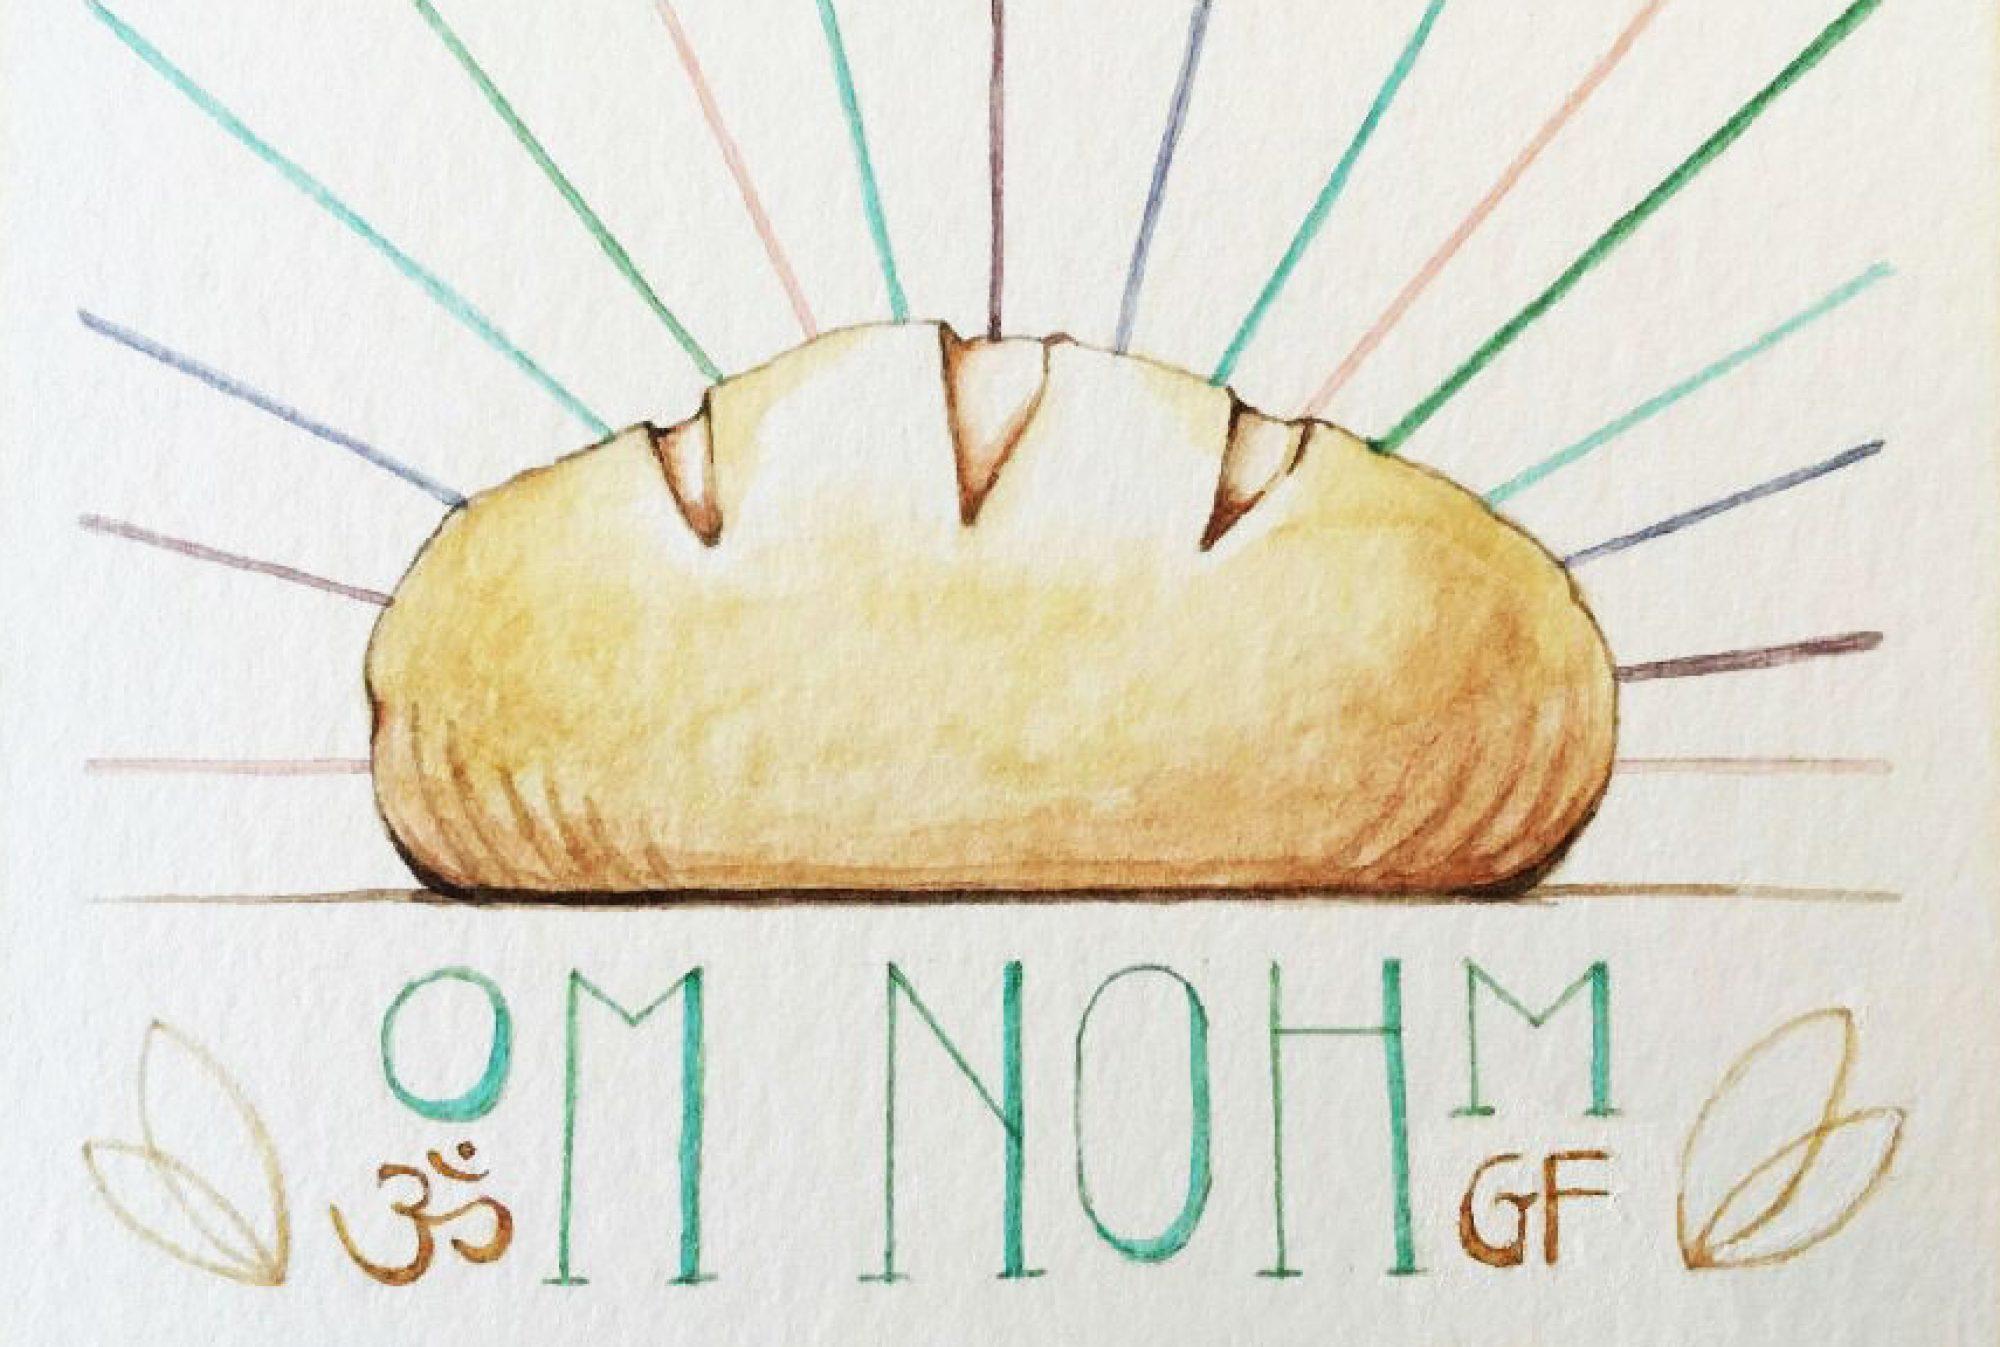 Om Nohm Gluten Free